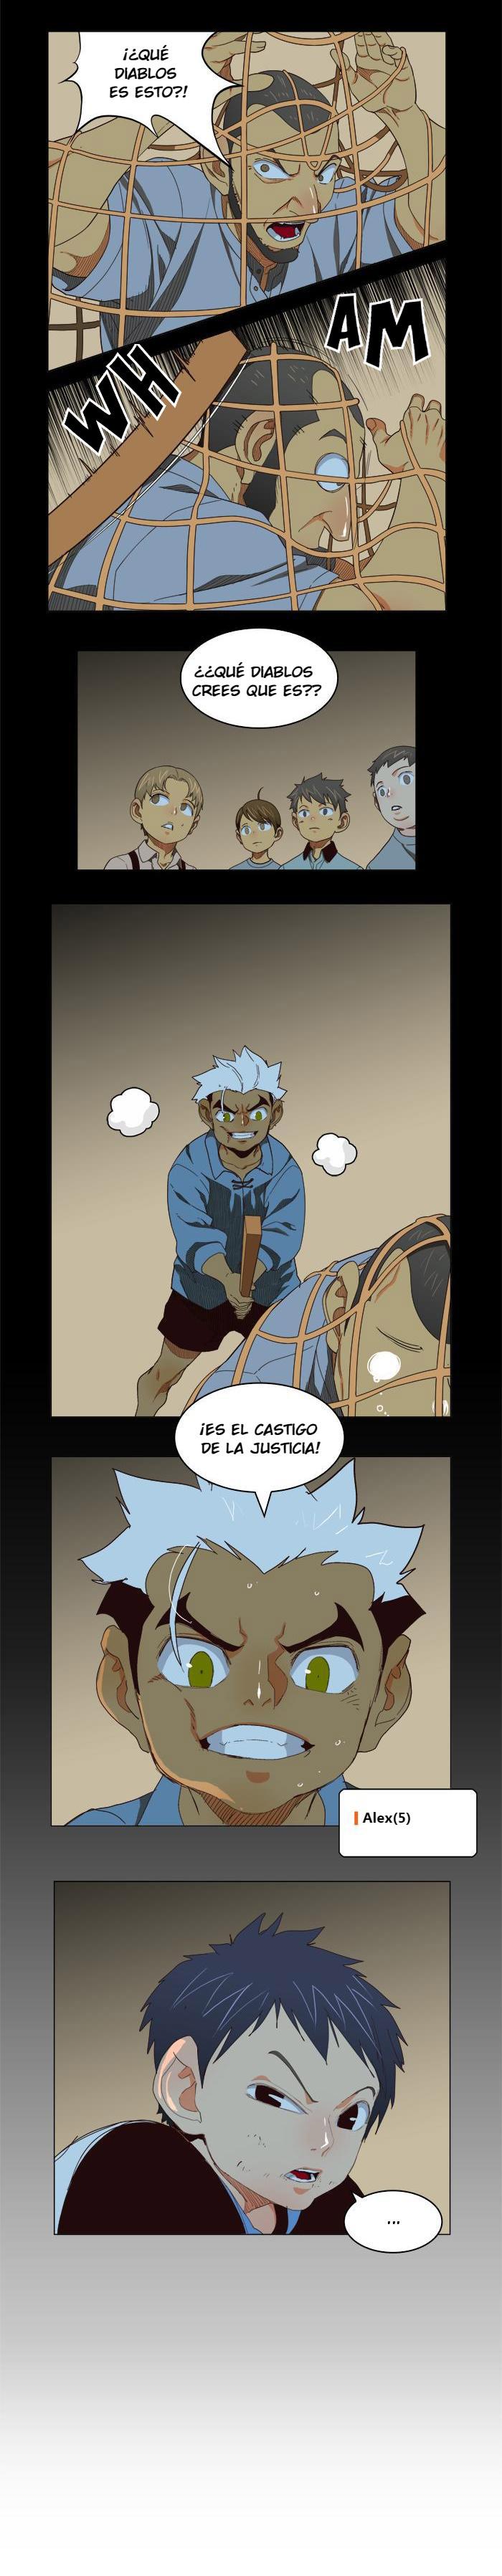 http://c5.ninemanga.com/es_manga/37/485/415919/28557060cef0f58b8d918a2f8eac053f.jpg Page 3